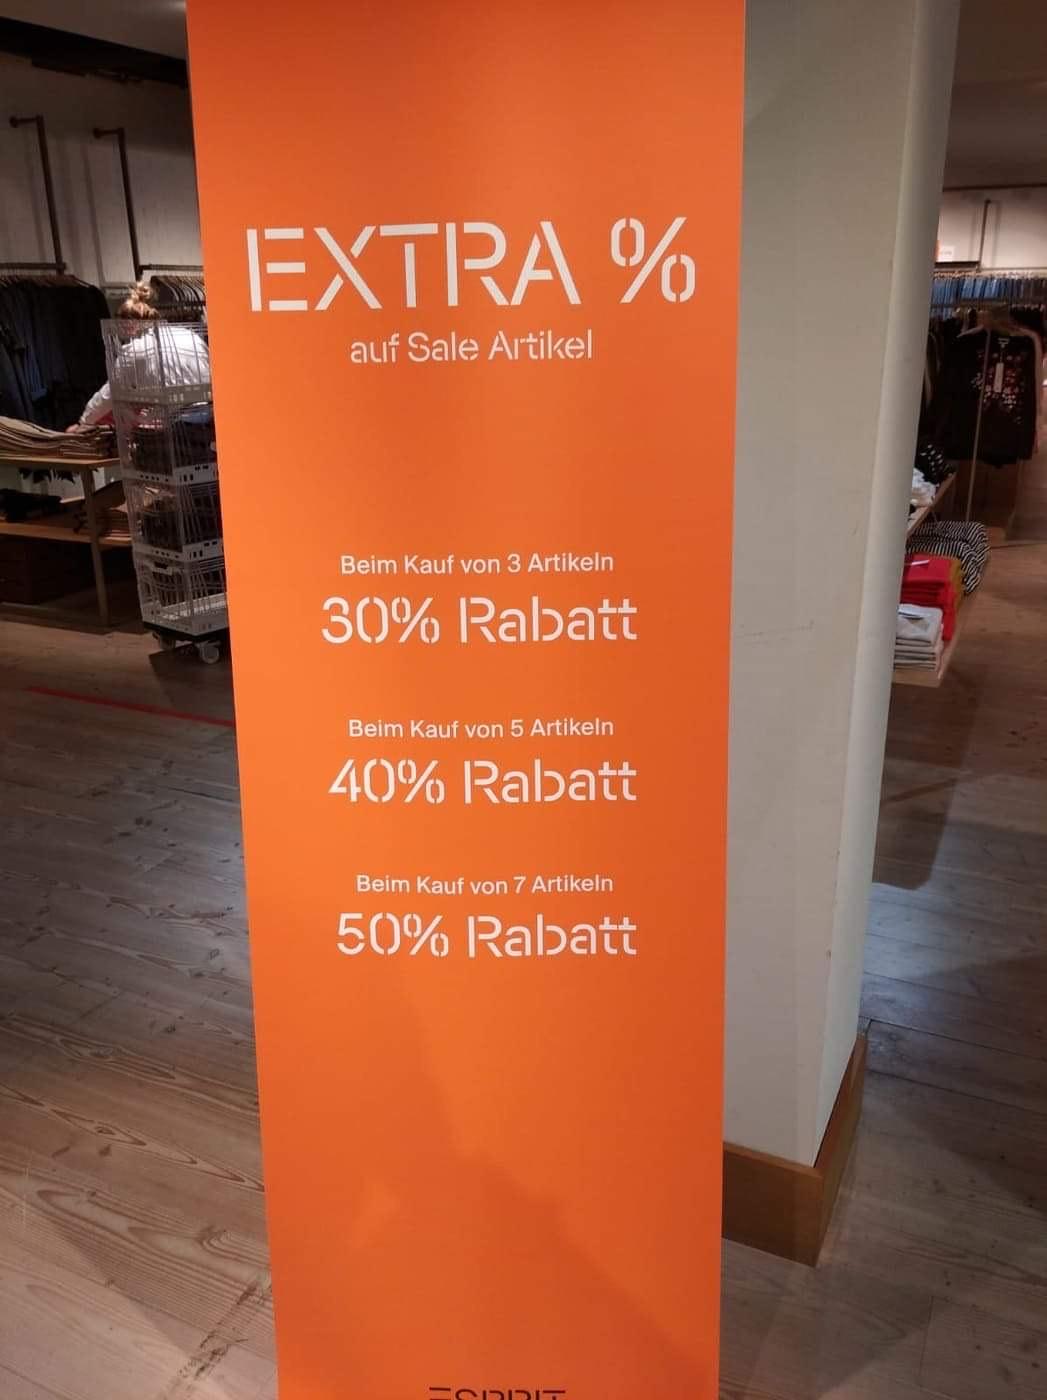 Esprit Super-Sale in Düsseldorf Filiale Schadowstrasse - 50% auf Sale Artikel bei 7 Stück